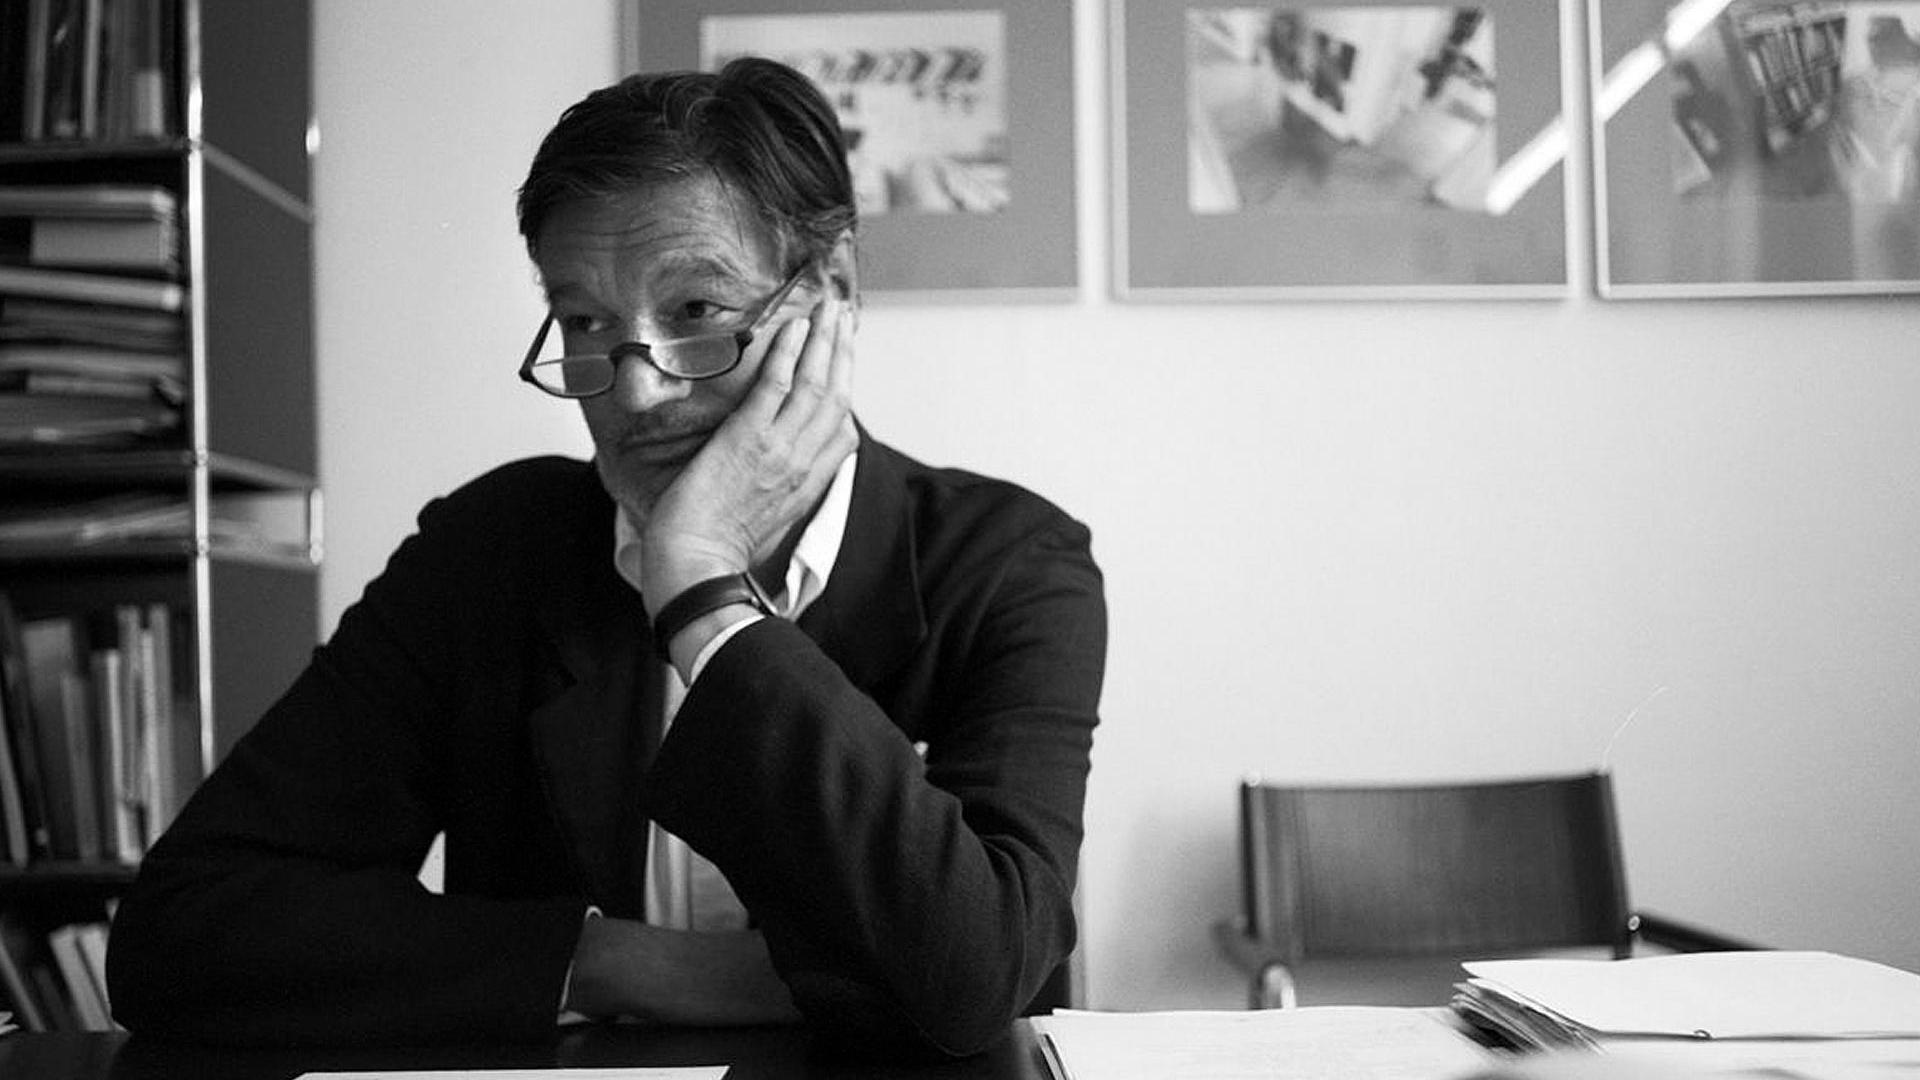 Rolf Müller am 6.8.2001 im Büro Rolf Müller in der Maximilianstraße 31 in München. Foto: Andreas Bohnenstengel. Weitere Fotos im Archiv von A.Bohnenstengel unter www.andreasbohnenstengelfotograf.de/rolf-mueller/